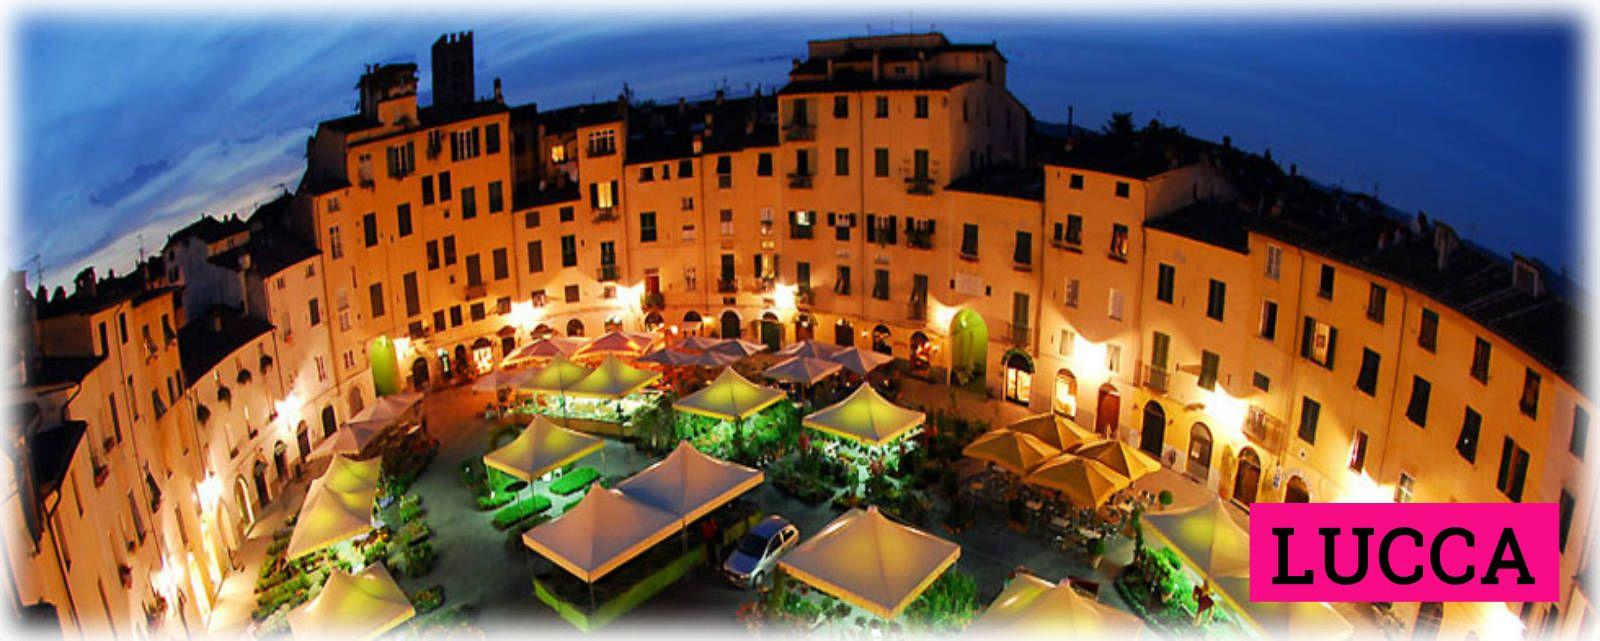 cluburi de noapte italia lucca